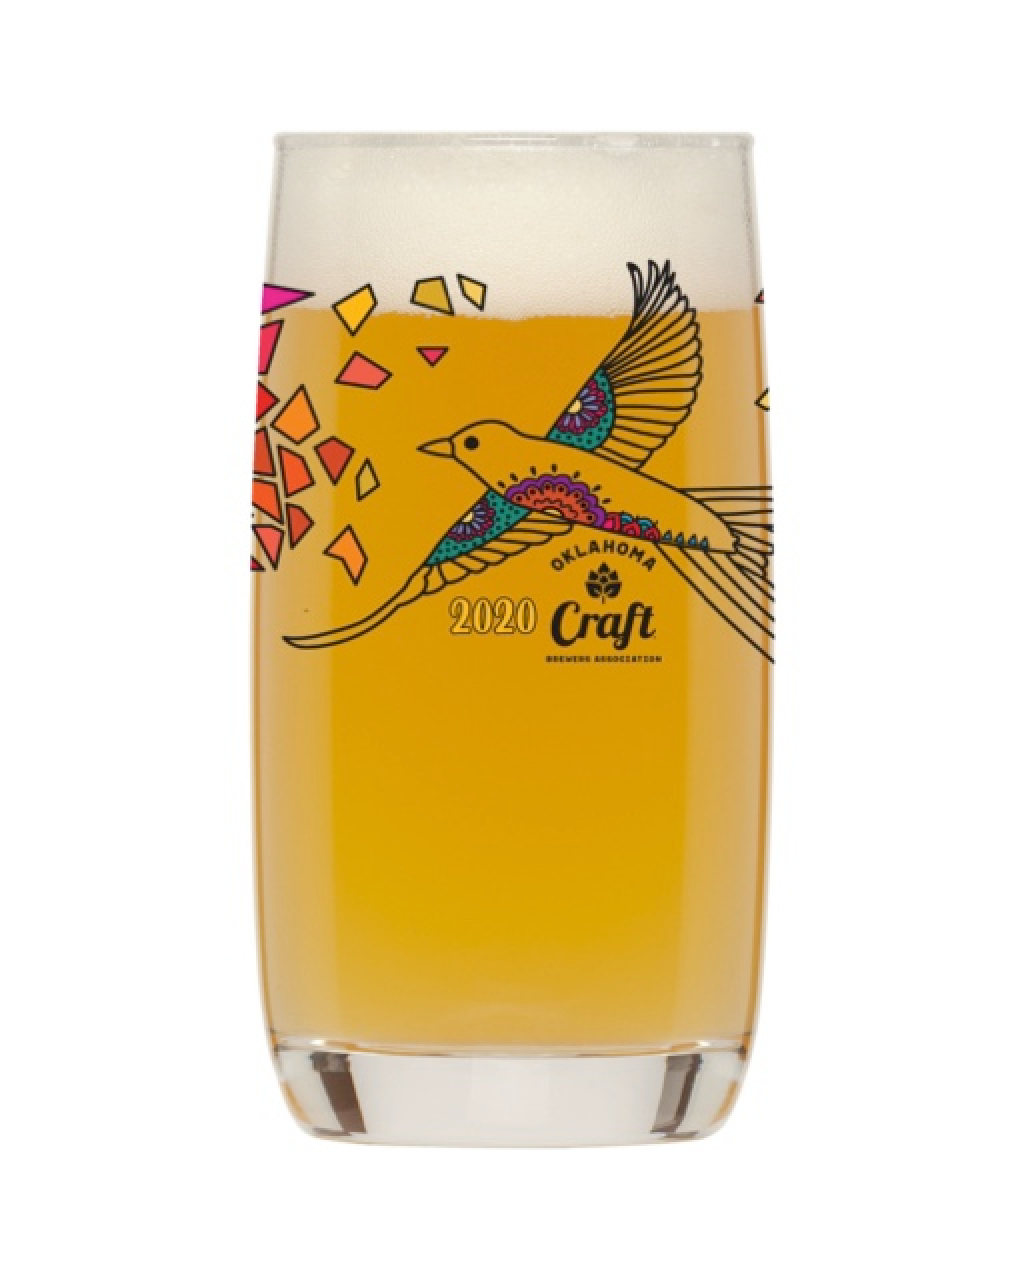 Celebra el Sábado de la Pequeña Empresa y el Domingo de la Pequeña Cervecería con Pint Days